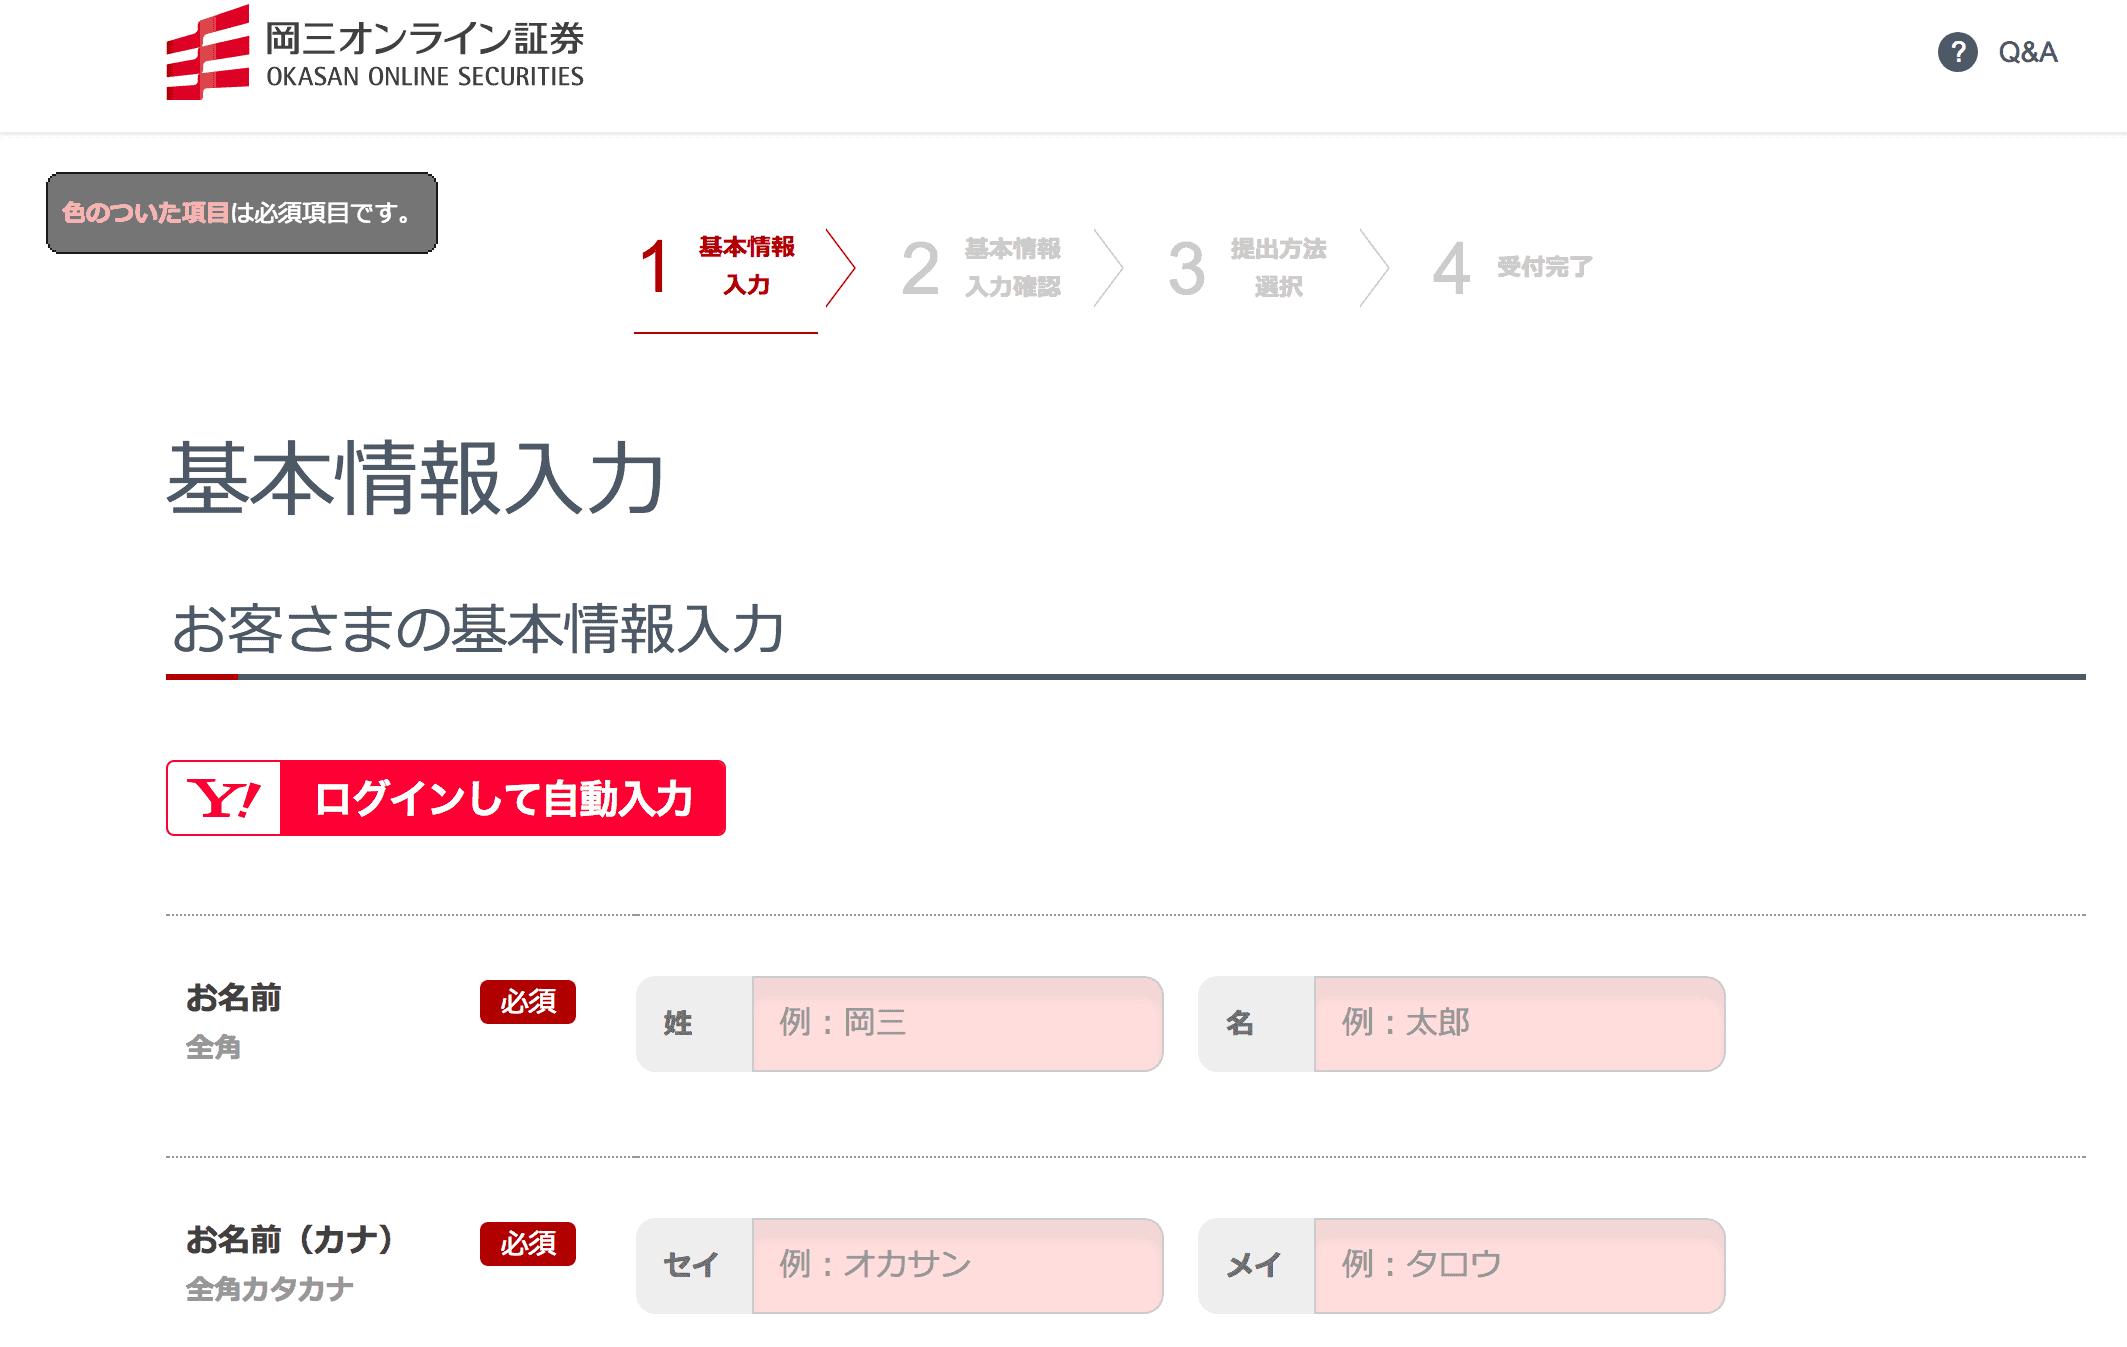 岡三オンライン証券口座開設フォームの必要事項欄(名前)